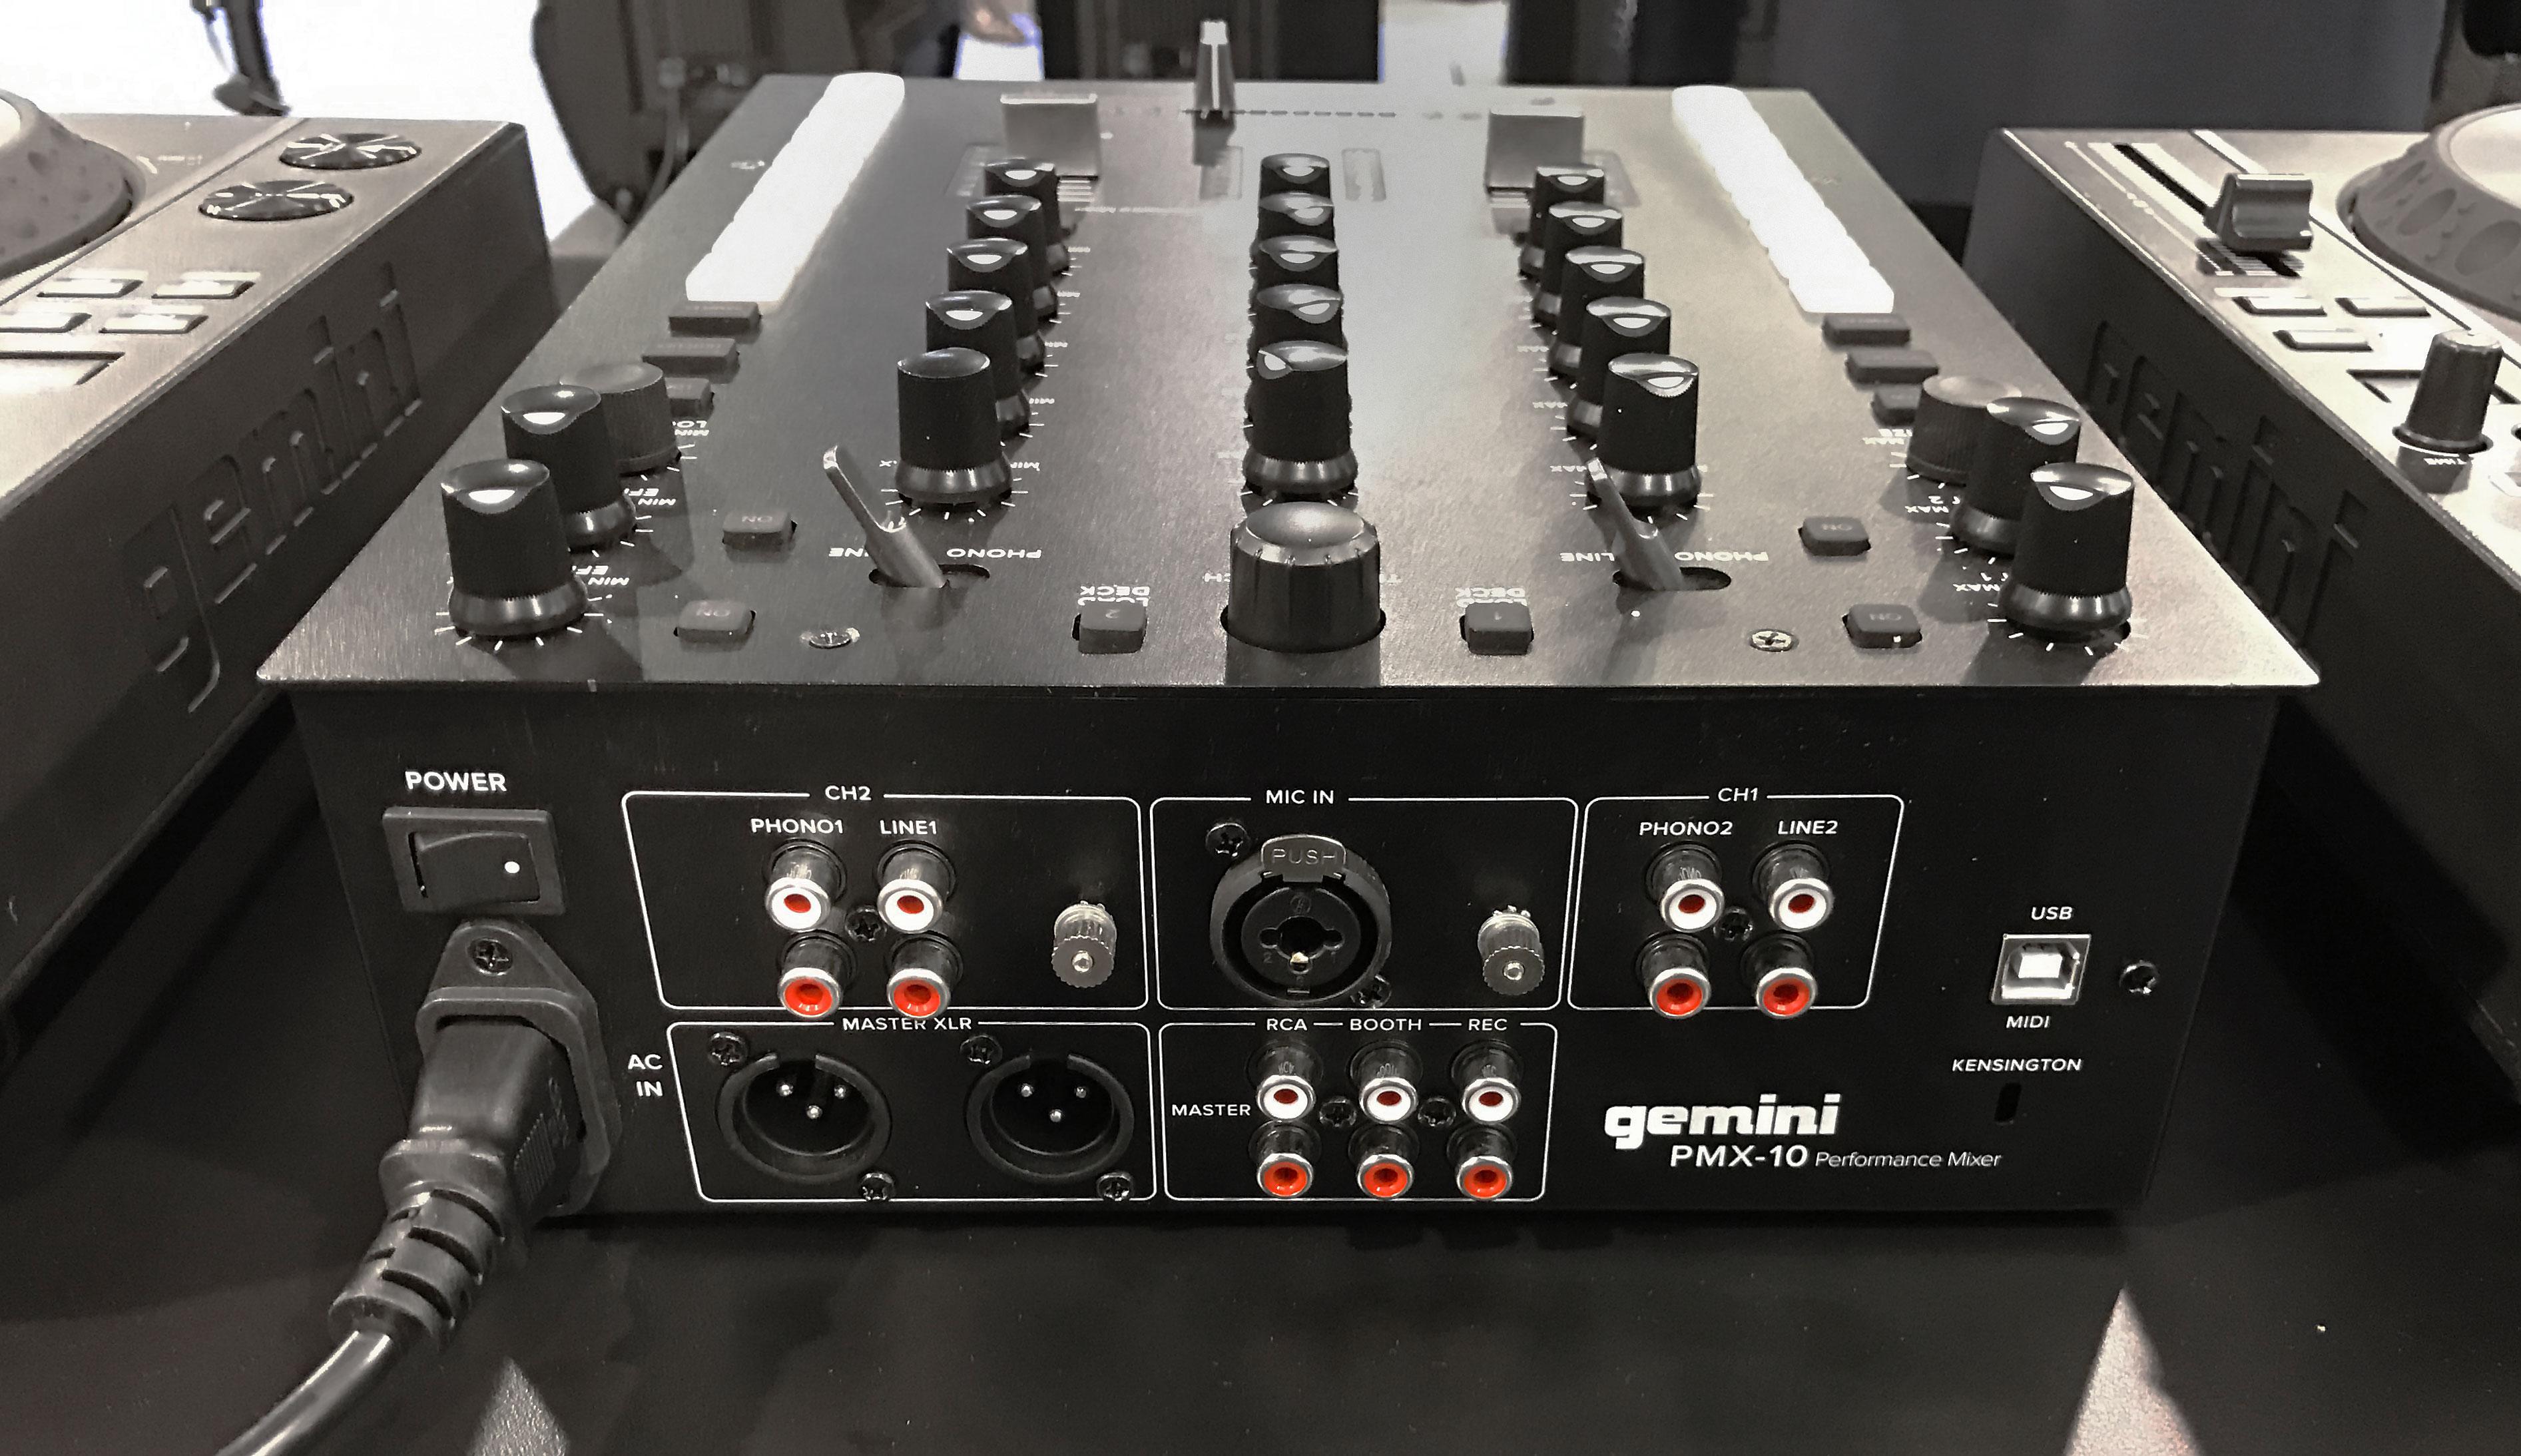 Gemini-PMX-10-mixer-2